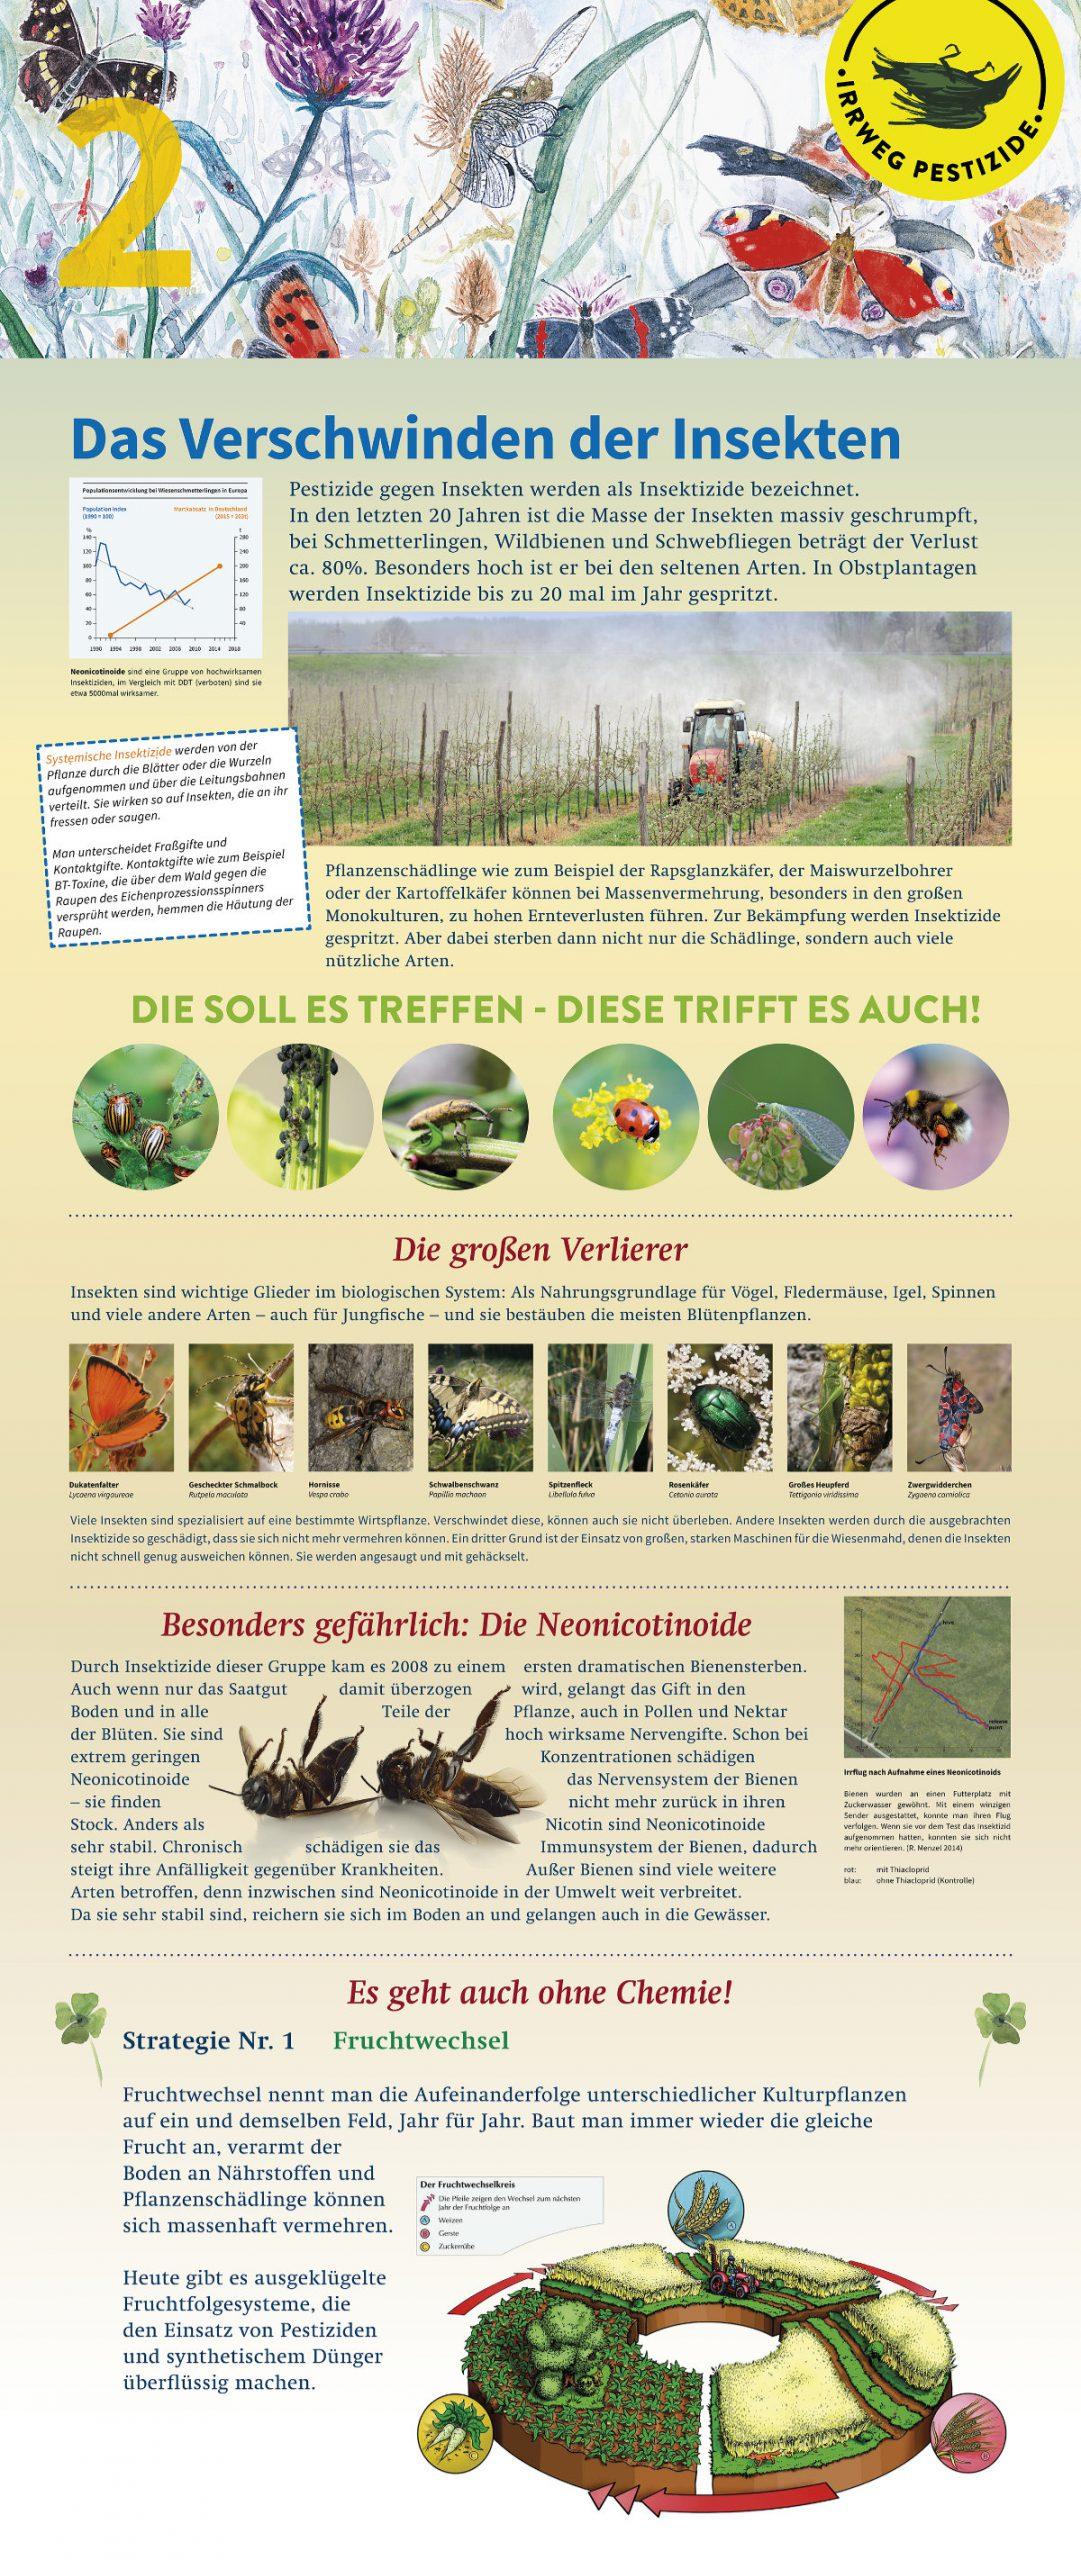 Irrweg Pestizide Das Verschwinden der Insekten